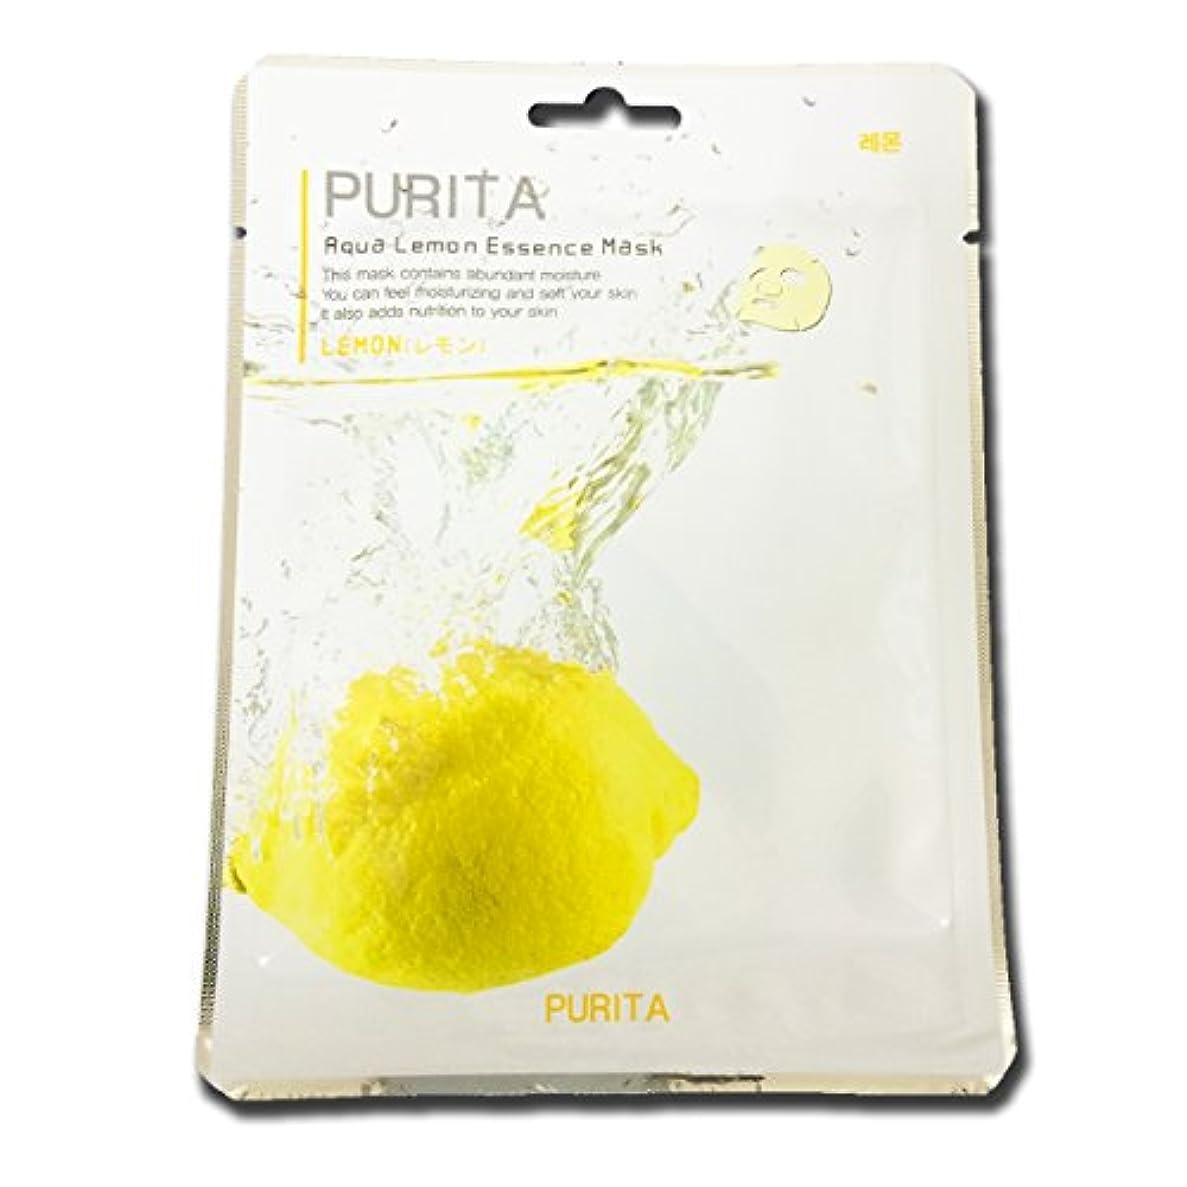 アデレード歌詞支援PURITA フェイスマスク 1枚 韓国製